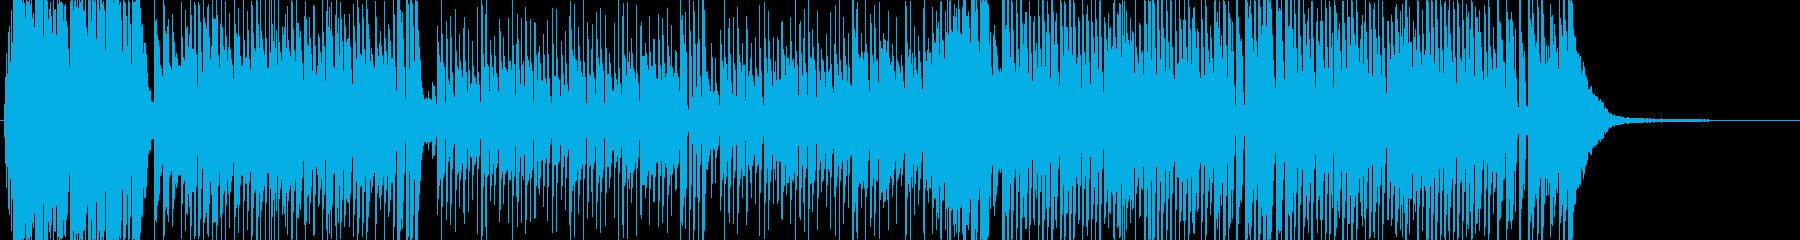 かわいい♬番組やアニメのポップなOPEDの再生済みの波形